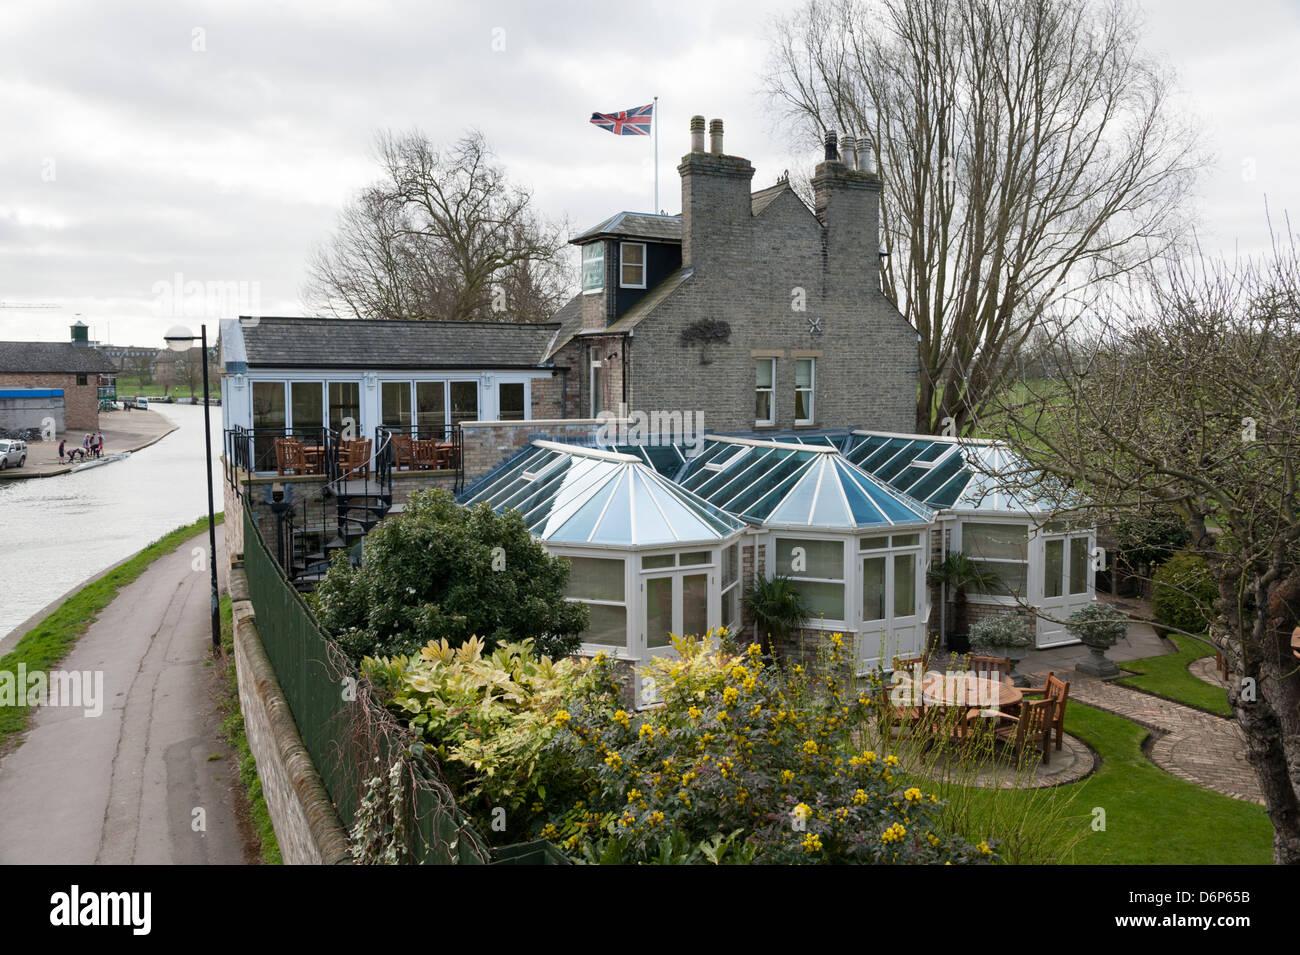 Midsummer House Restaurant Cambridge midsummer house michelin starred restaurant cambridge uk